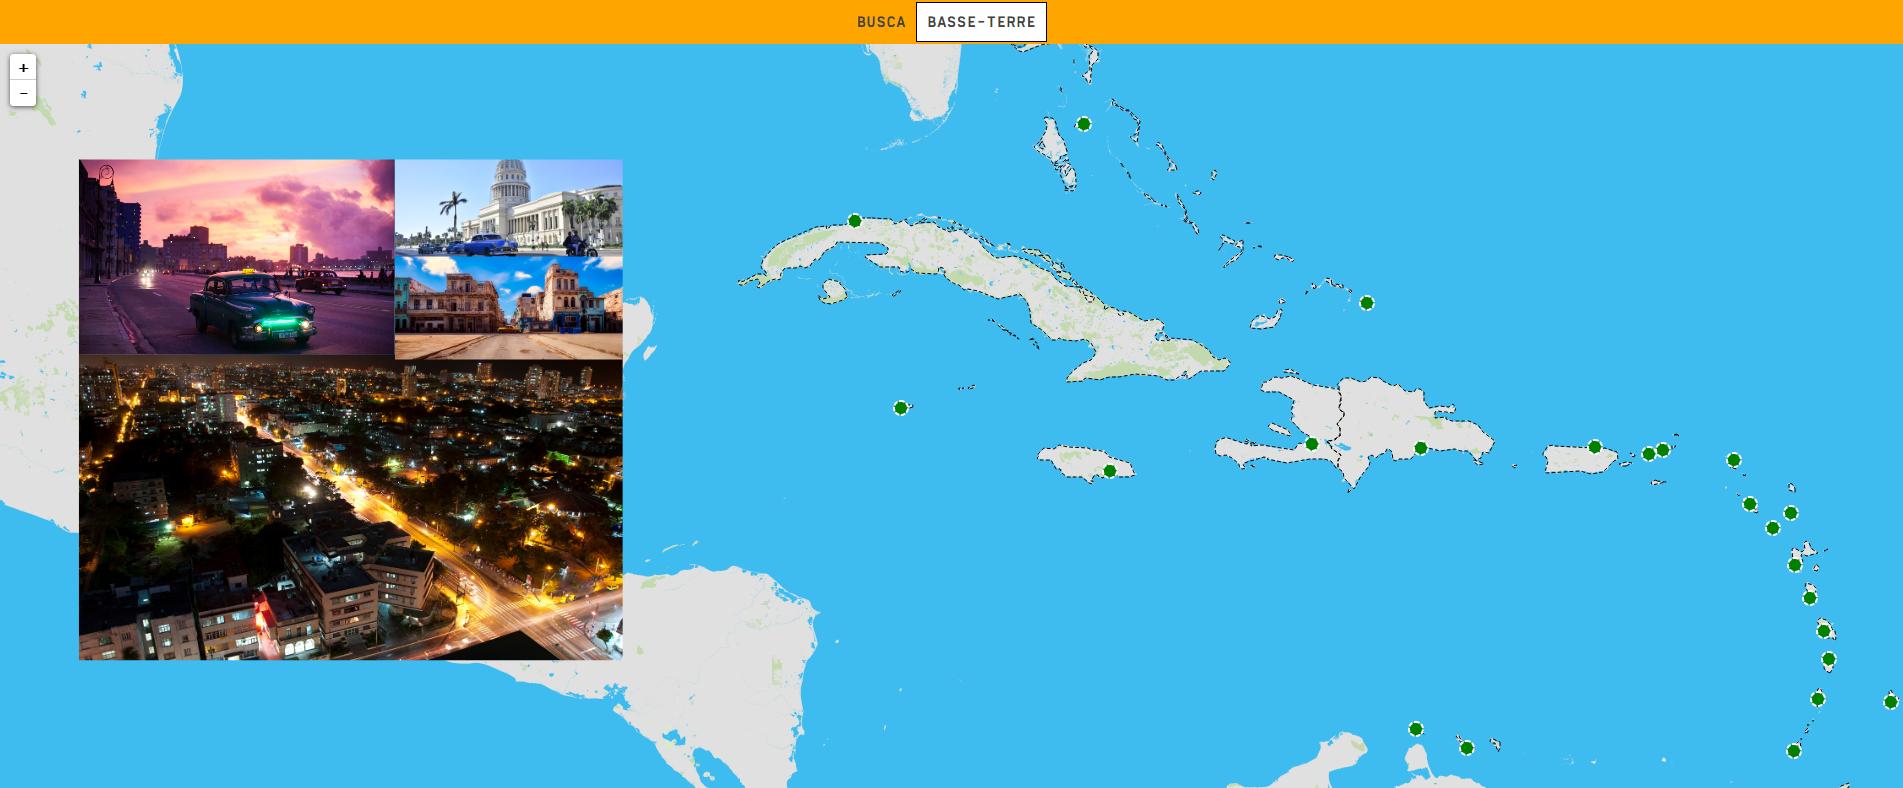 Die Karibik: Hauptstädte